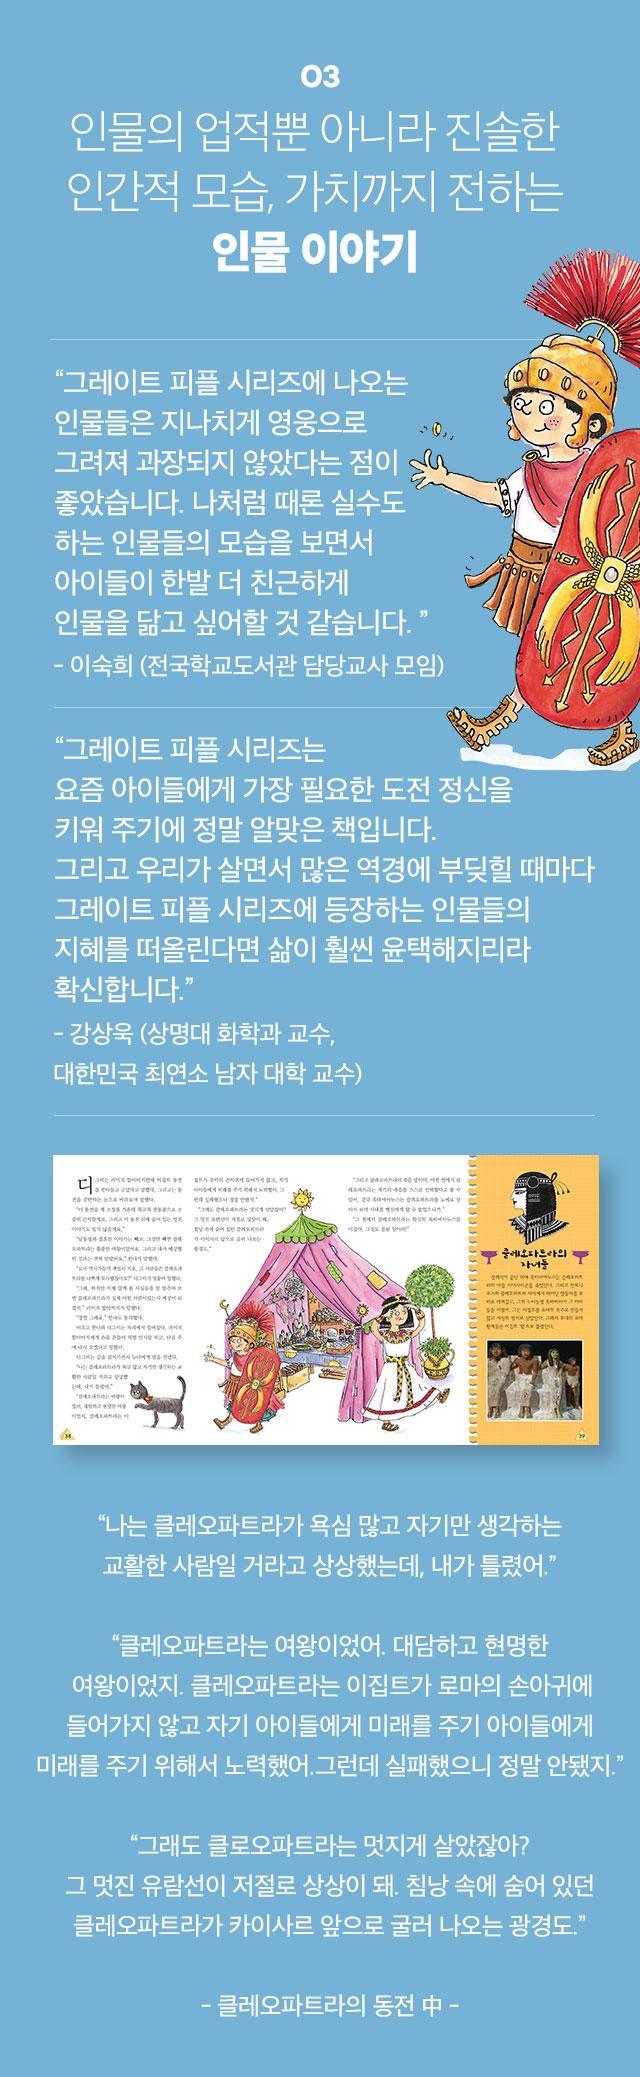 03 인물의 업적뿐 아니라 진솔한 인간적 모습, 가치까지 전하는 인물 이야기